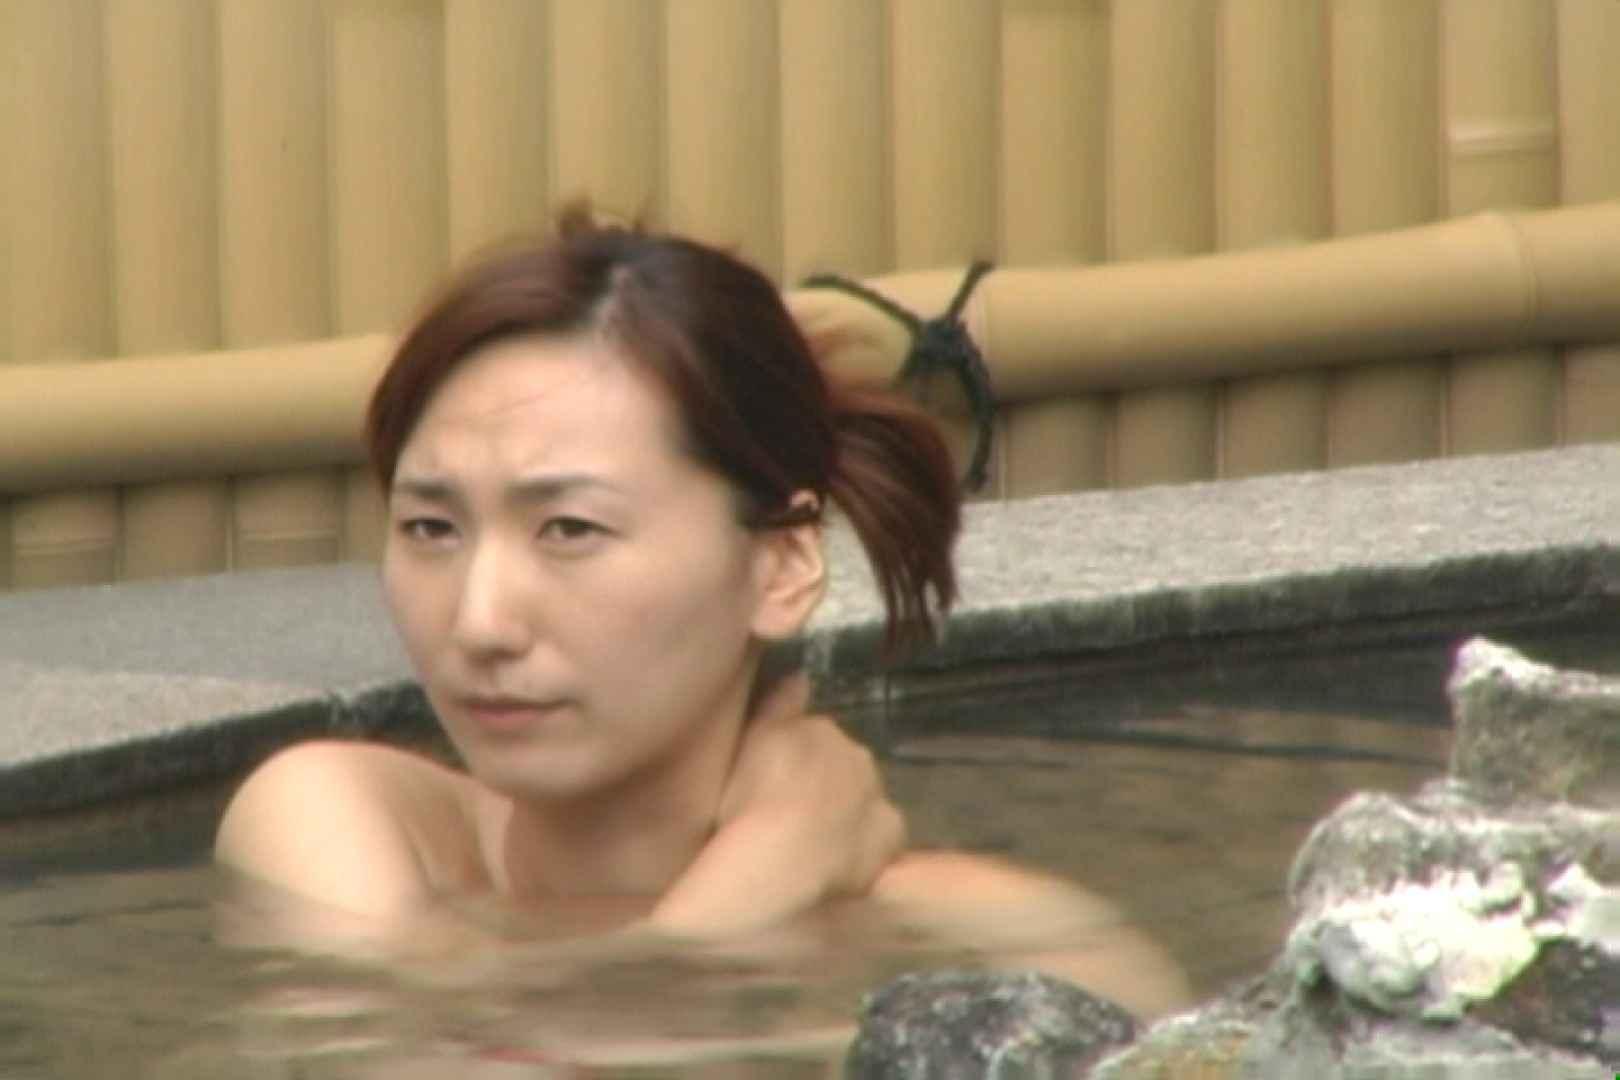 Aquaな露天風呂Vol.616 盗撮 性交動画流出 99画像 29